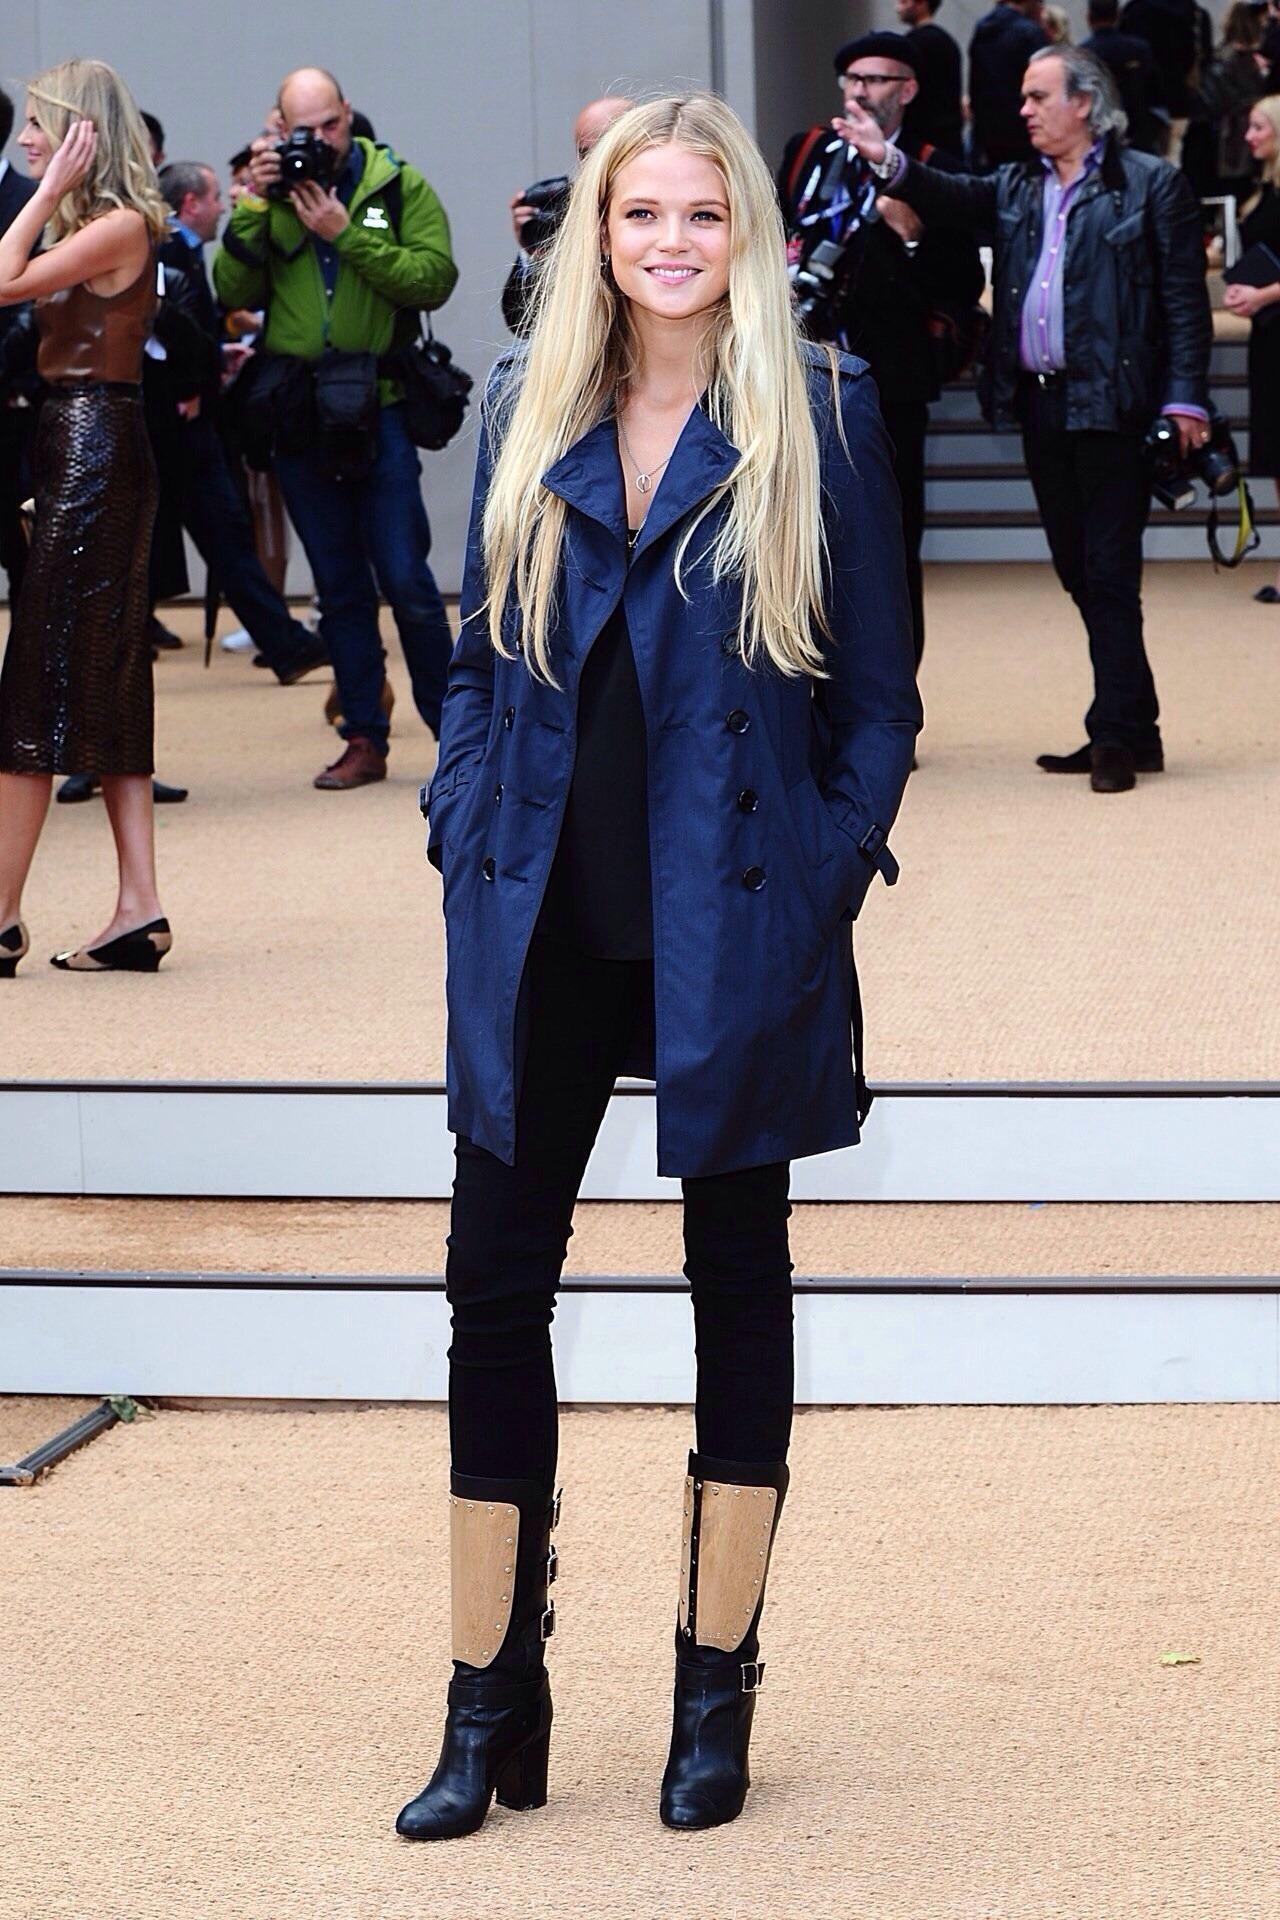 Gabriella Wilde attends the Burberry Prorsum show LFW ss 14, Arrivals